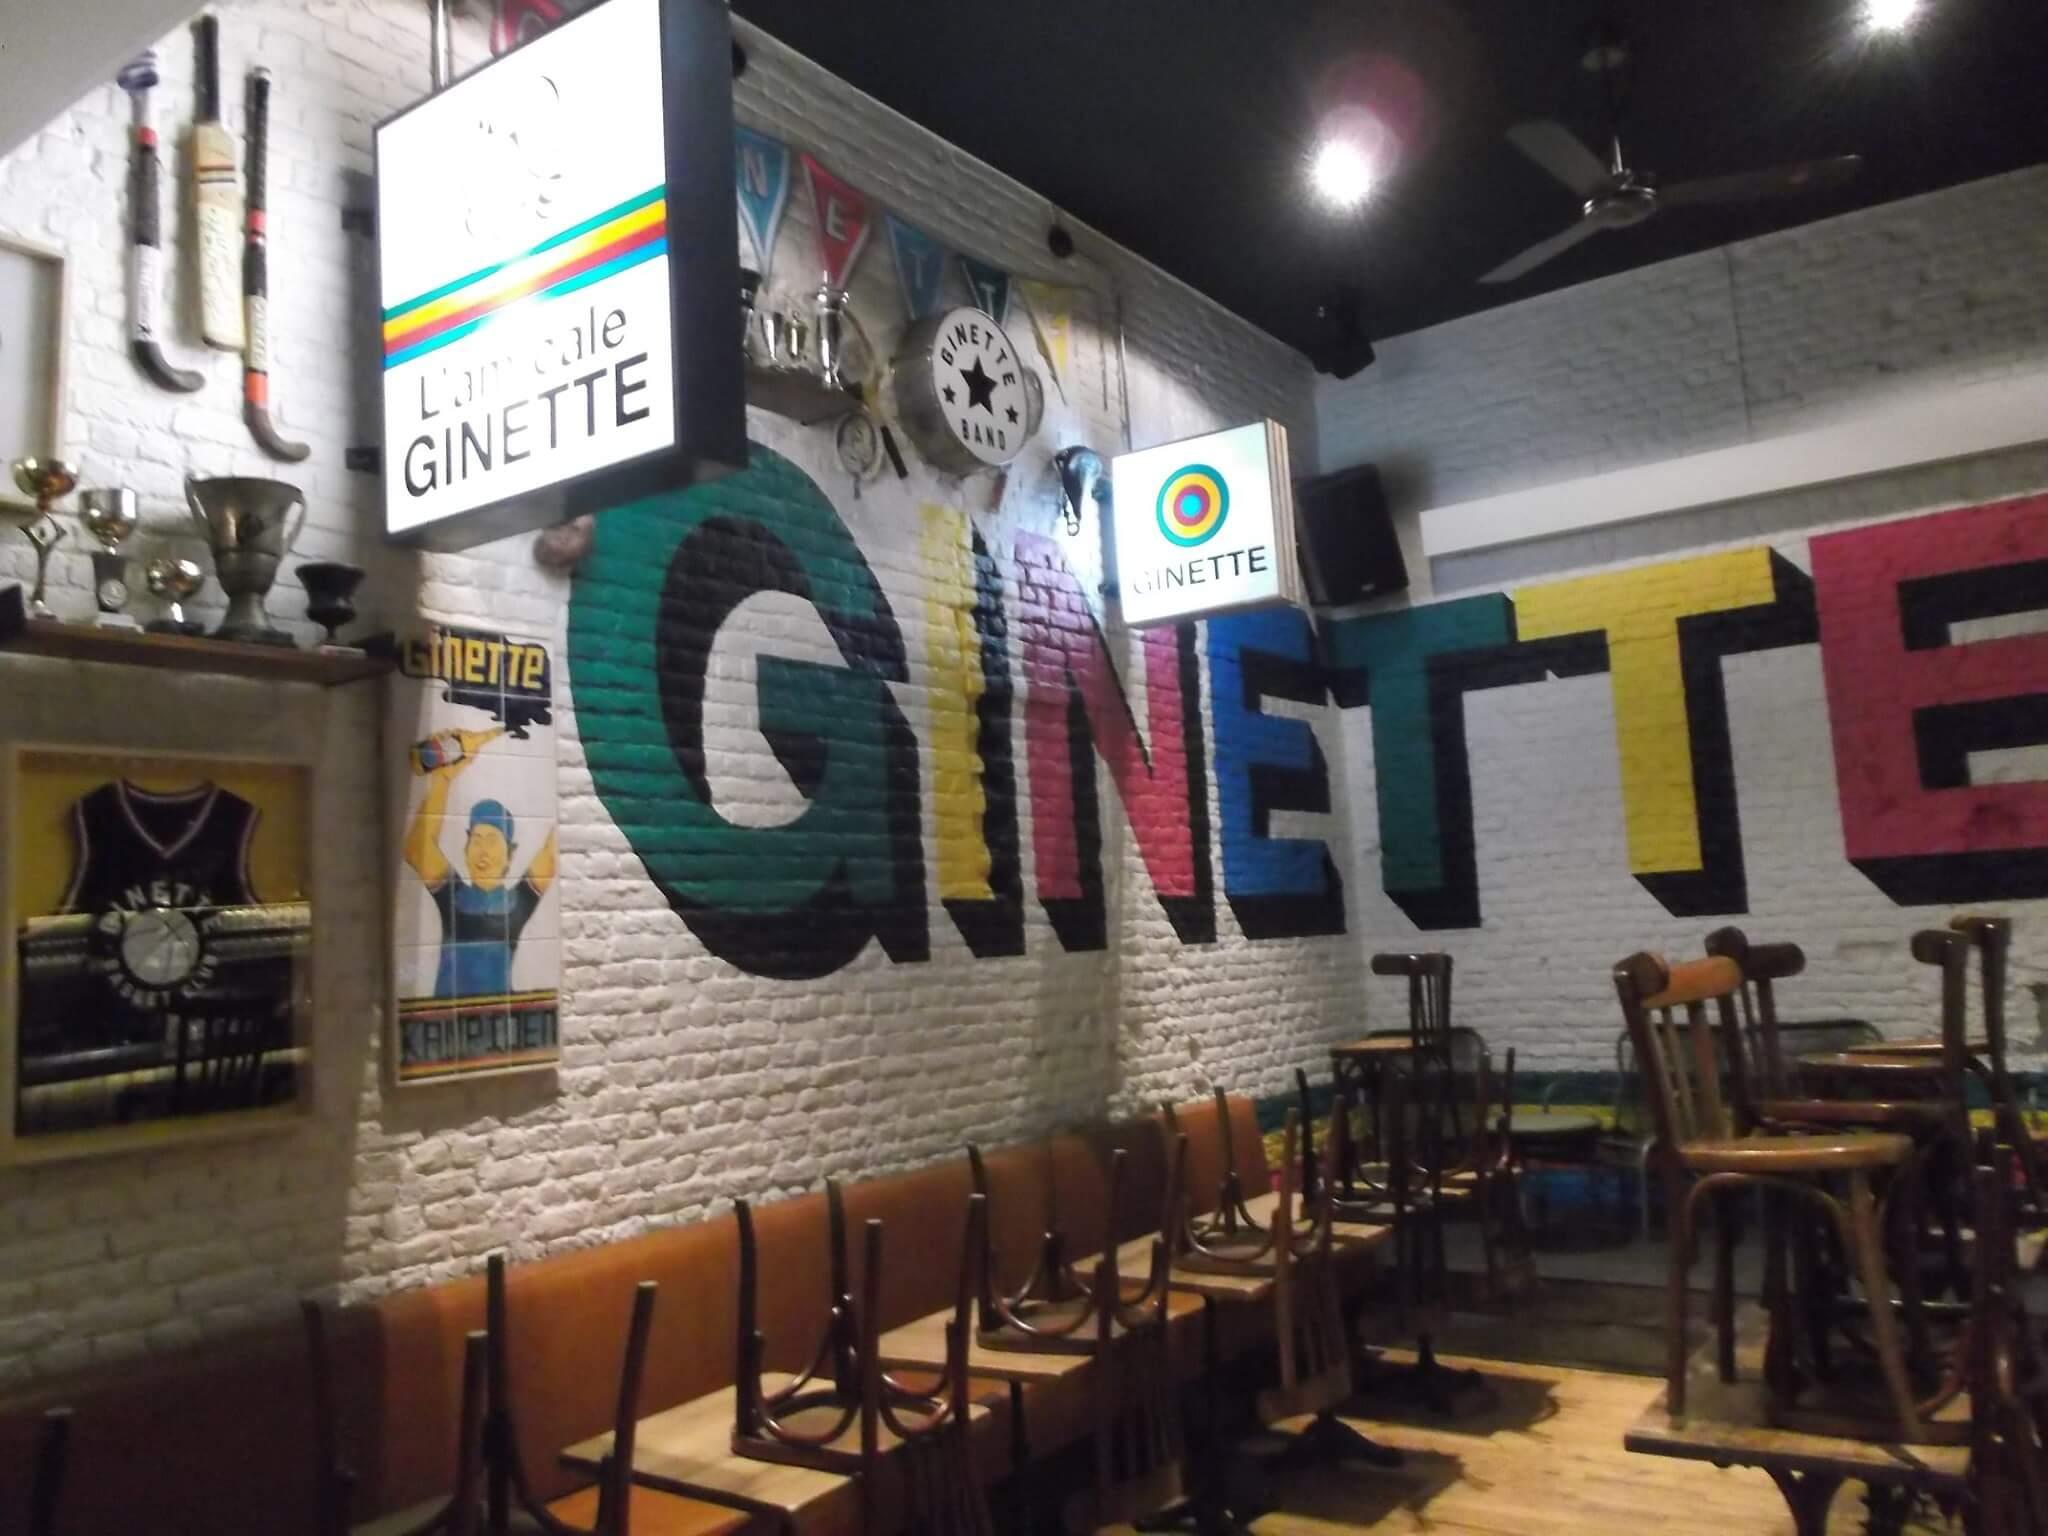 eclairage-ginette-galerie-electricite-vanhoyesprl